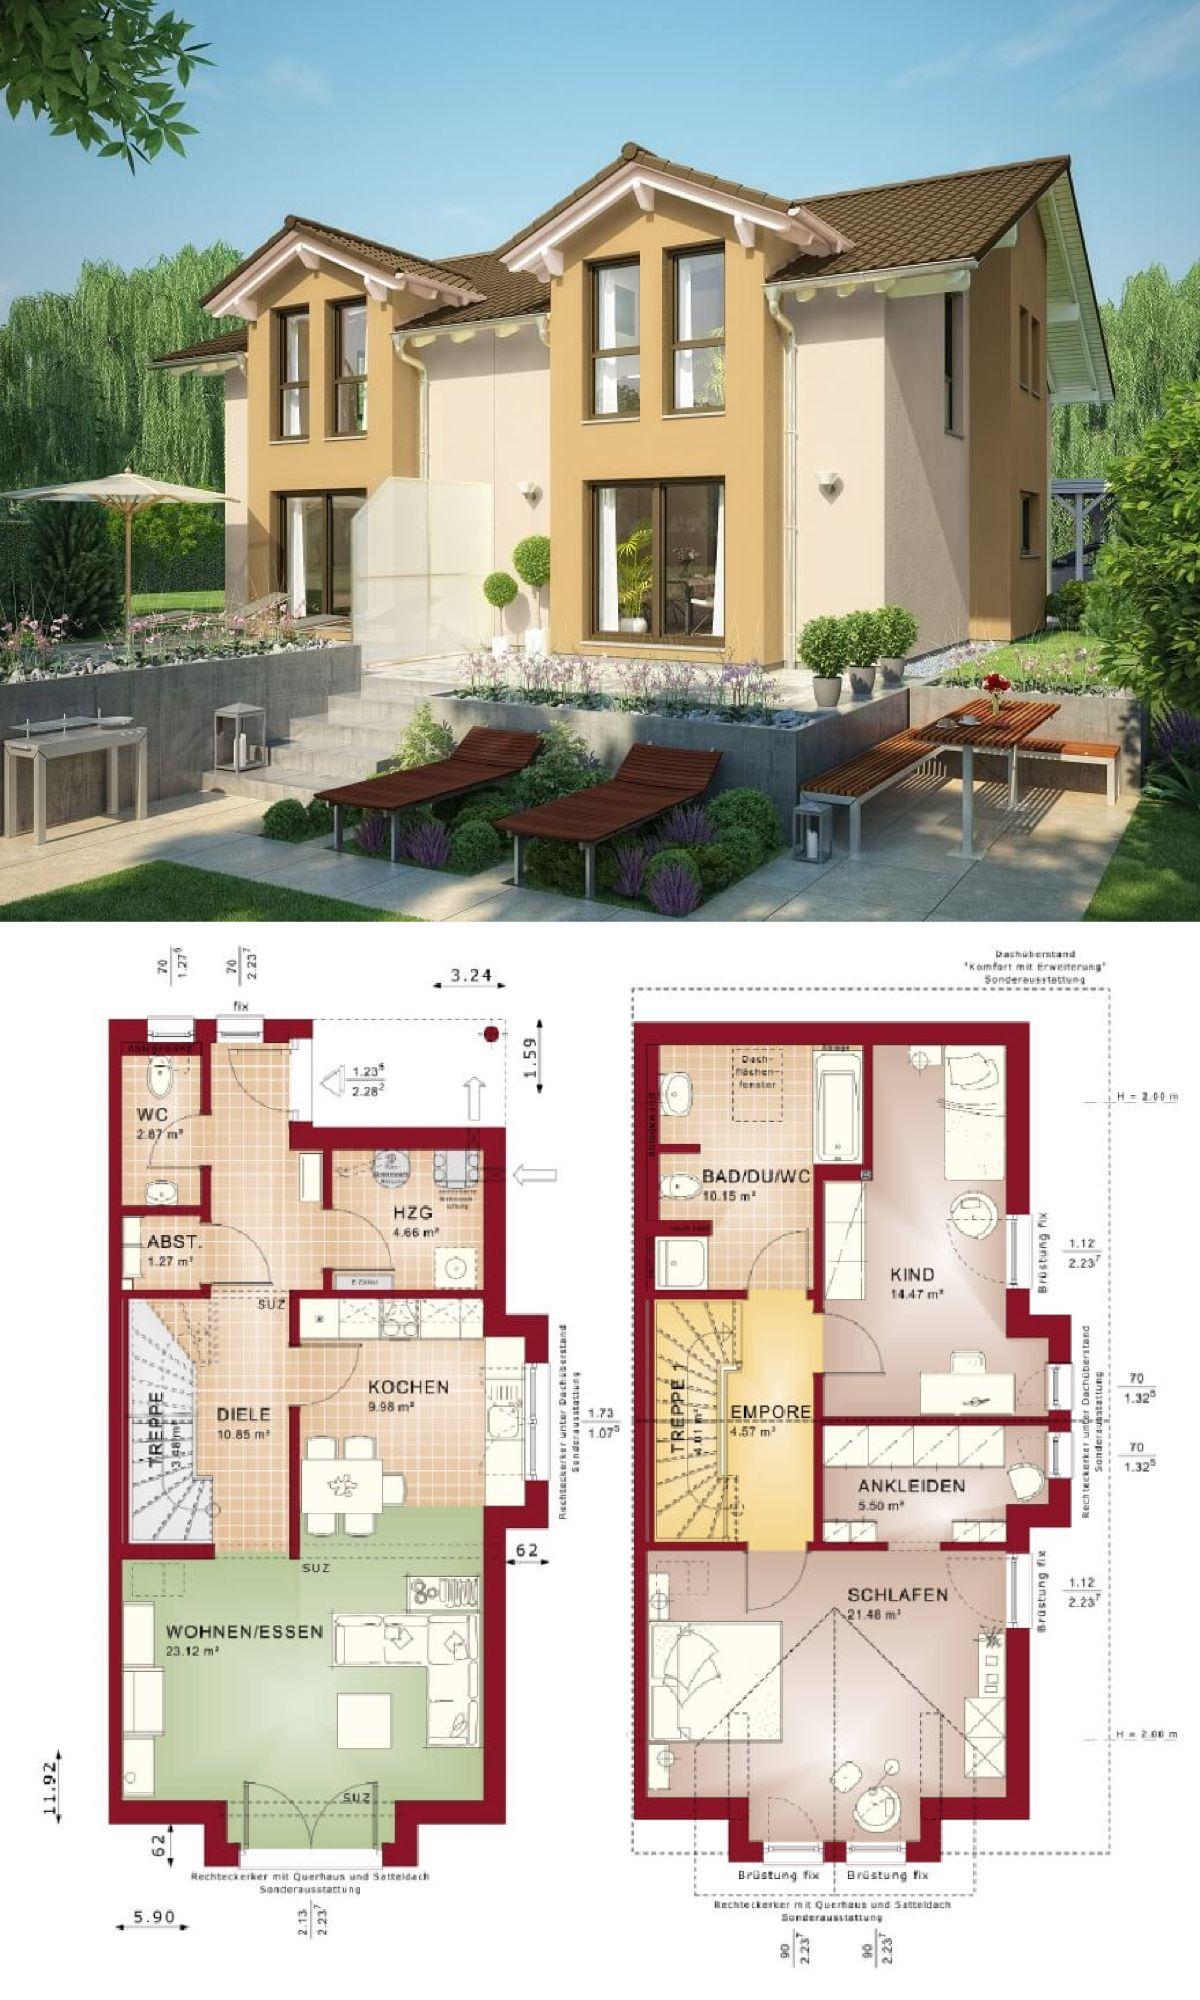 Stilvolles doppelhaus mit satteldach haus celebration for Fertighaus satteldach modern